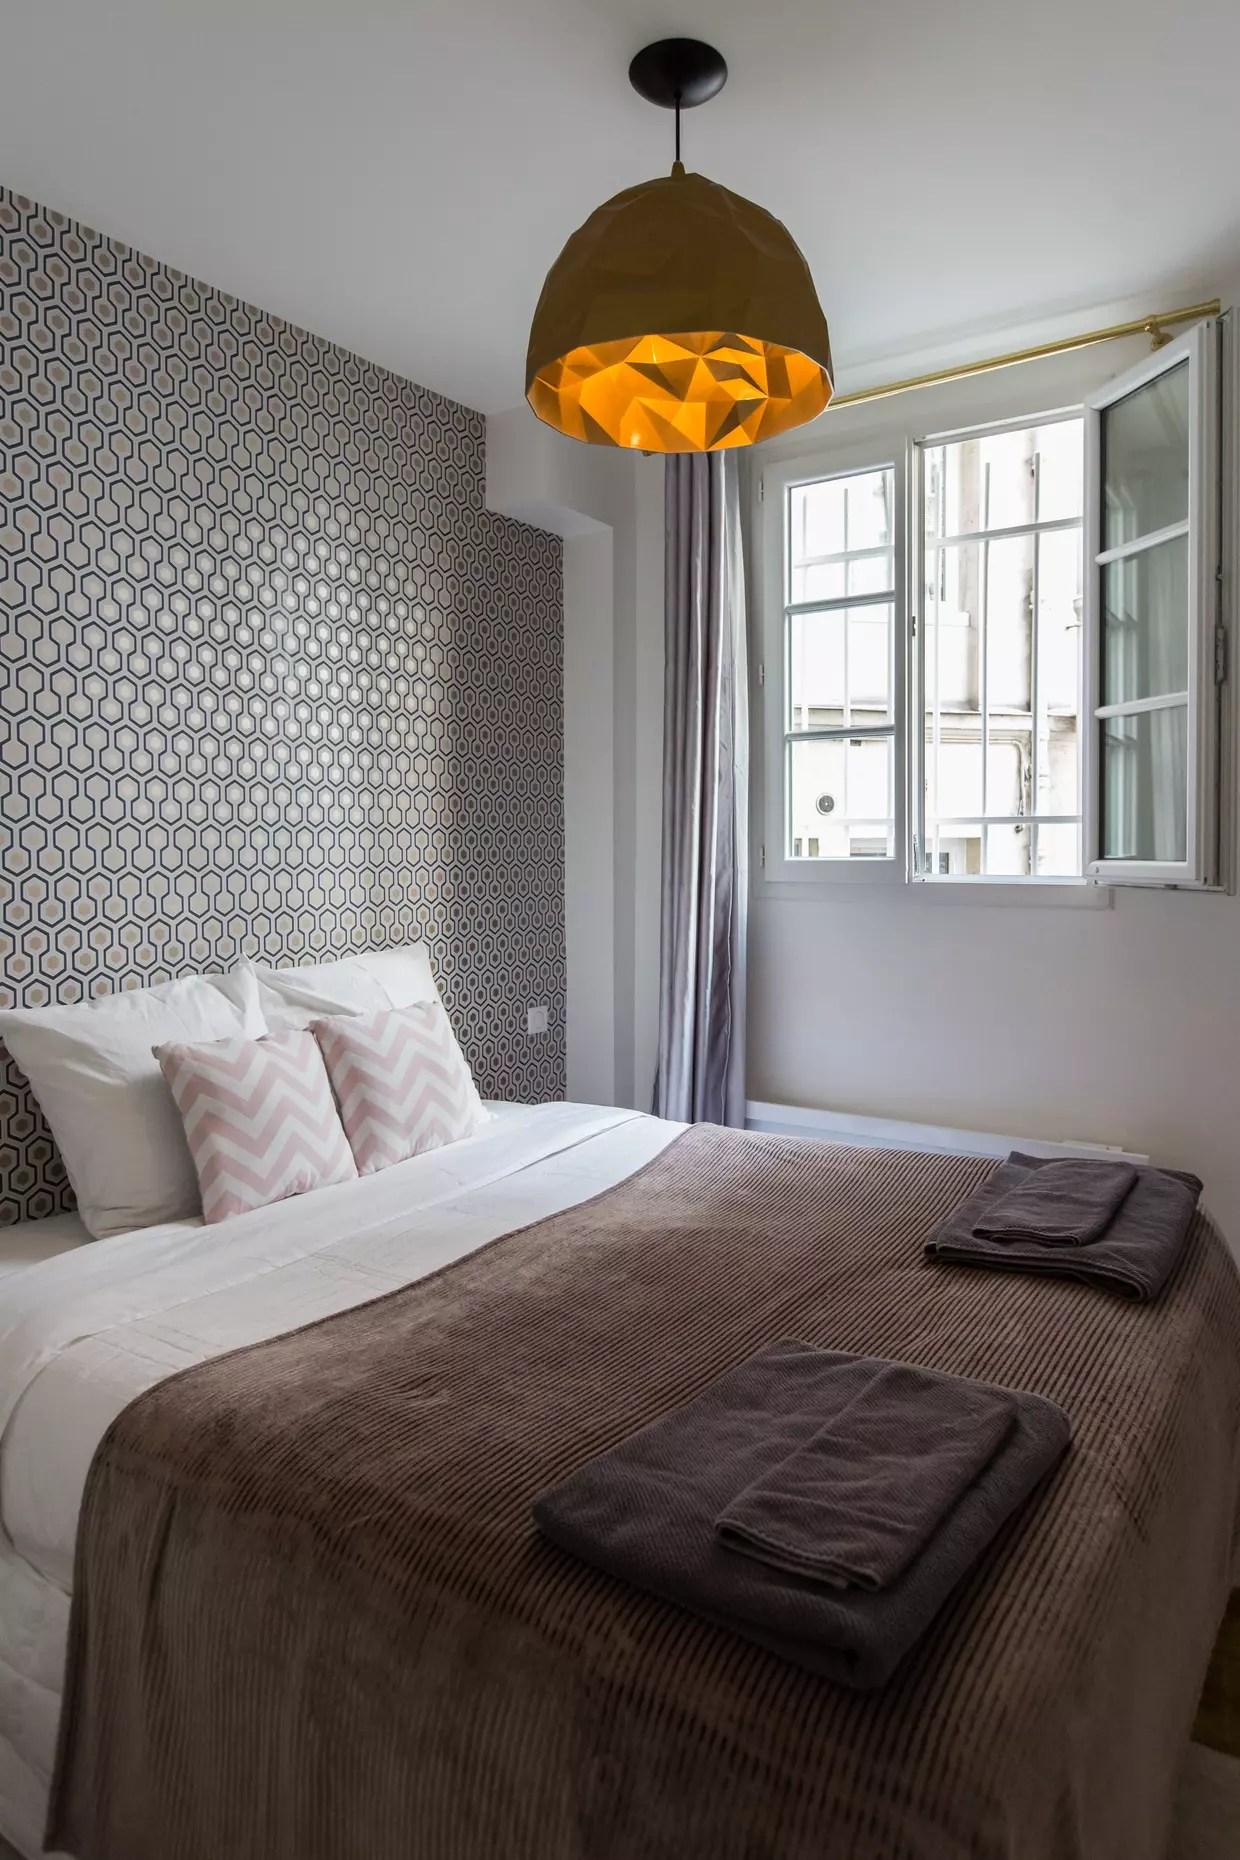 les plus belles chambres couleur taupe